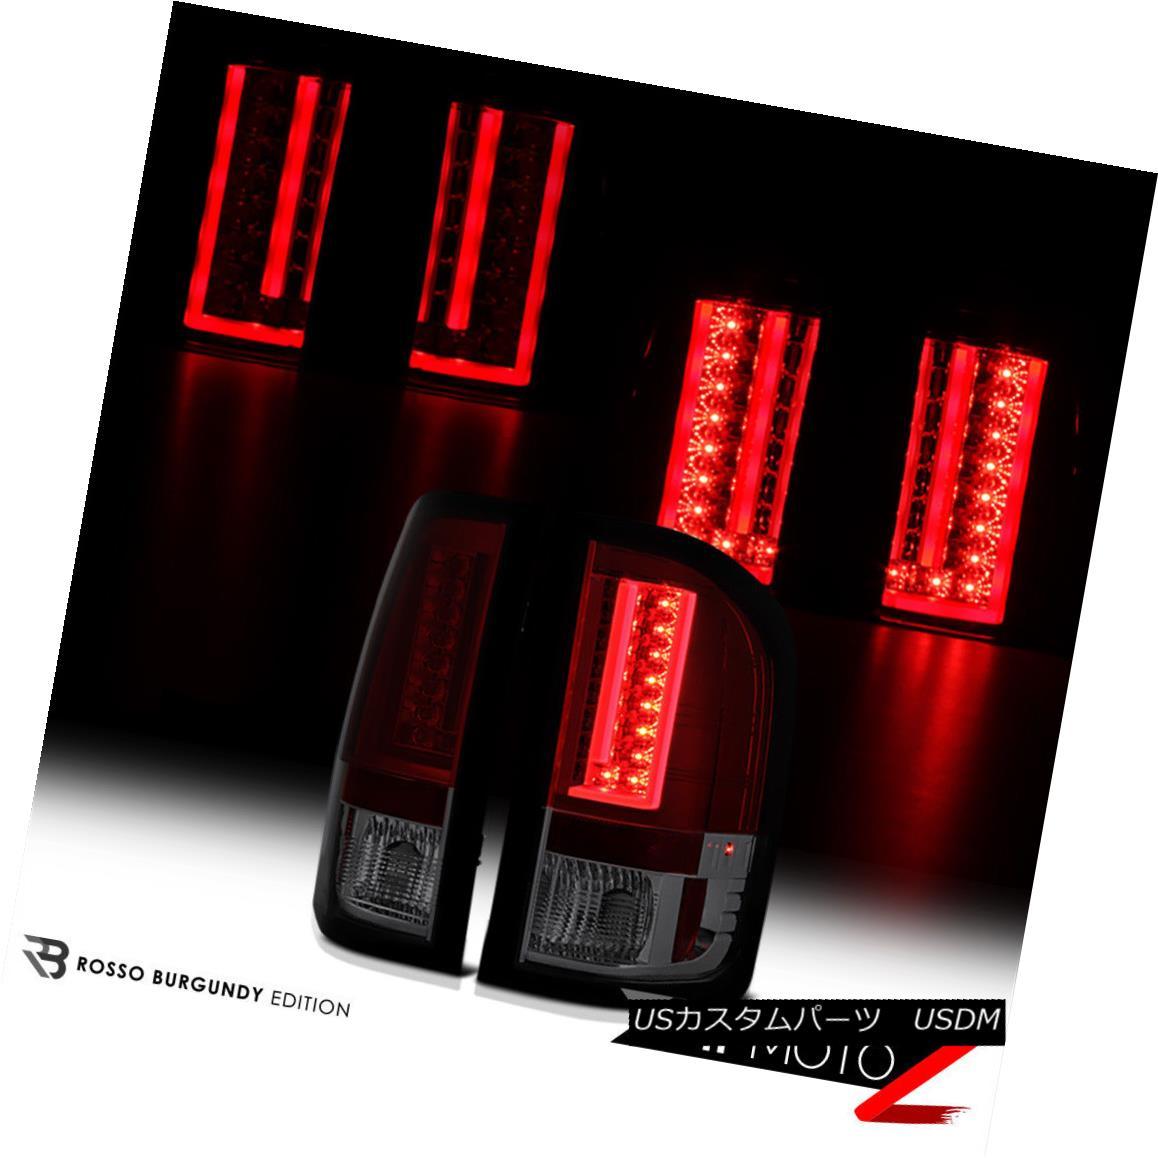 テールライト [DEEP RED] 2007-2013 Chevy Silverado SMD LED Tail Lights Brake Lamps Neon Tube [DEEP RED] 2007-2013 Chevy Silverado SMD LEDテールライトブレーキランプネオンチューブ